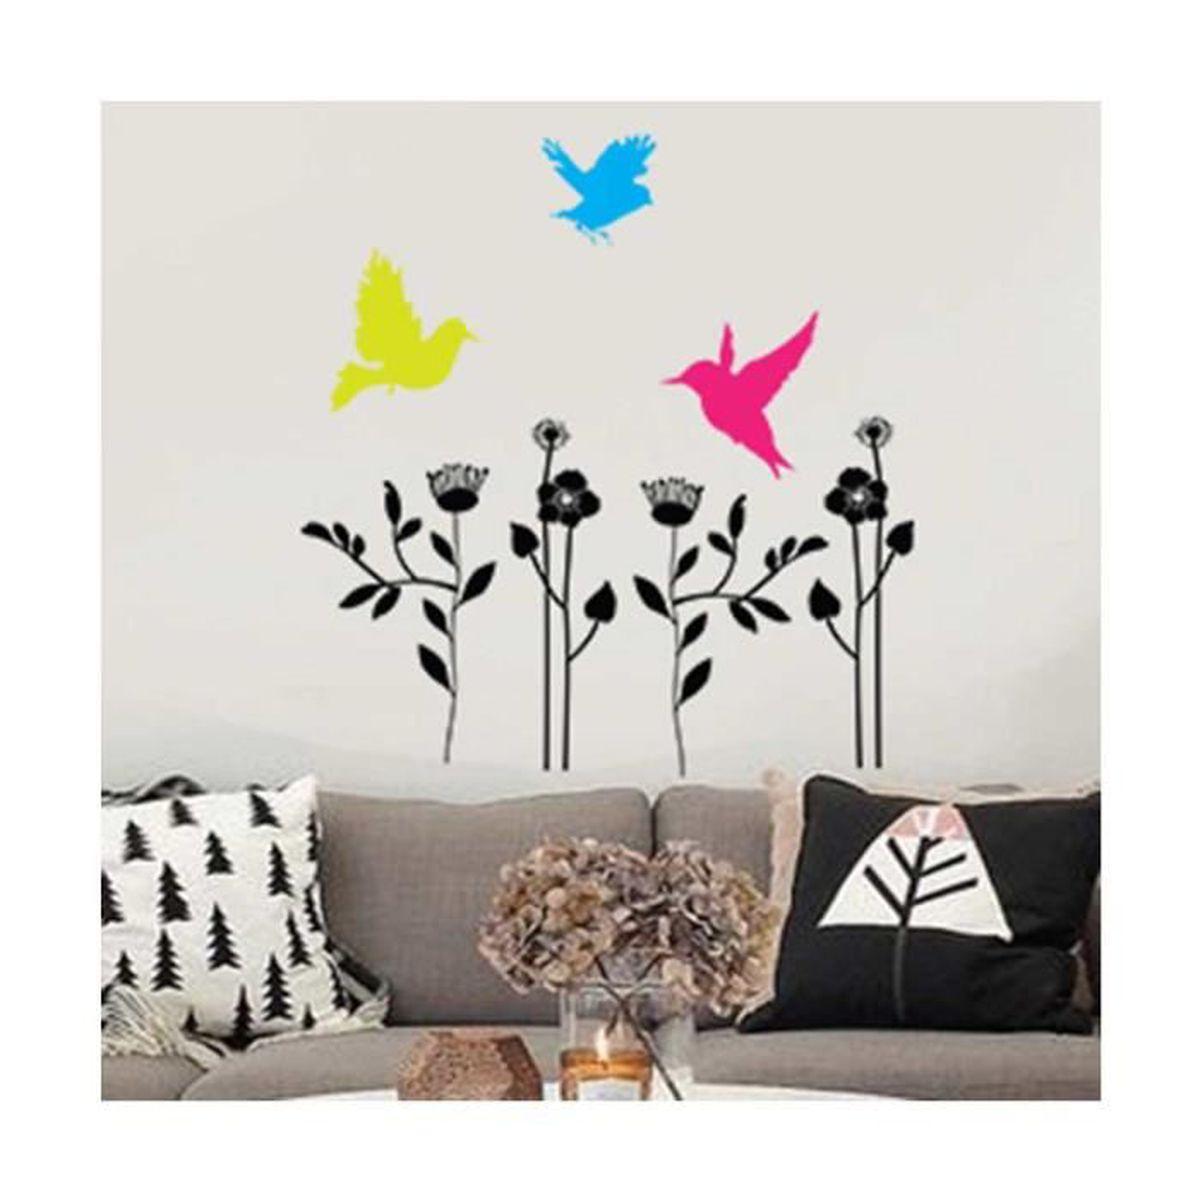 Sticker Oiseaux Sur Un Fil sticker fleurs et oiseaux multicolore - achat / vente